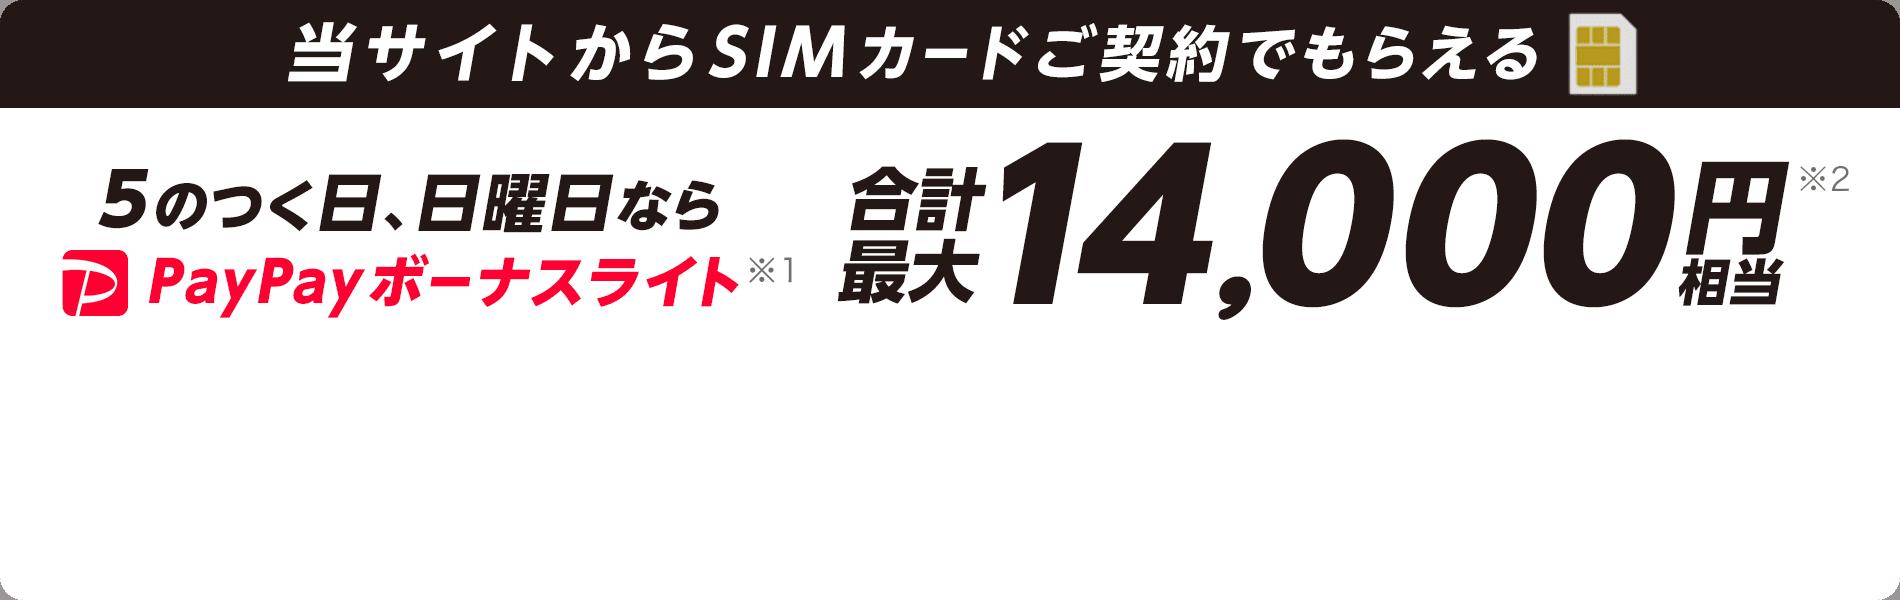 当サイトからSIMカードご契約でもらえる 5のつく日(5日、15日、25日)、日曜日なら PayPayボーナスライト※1 合計最大14,000円※2 相当